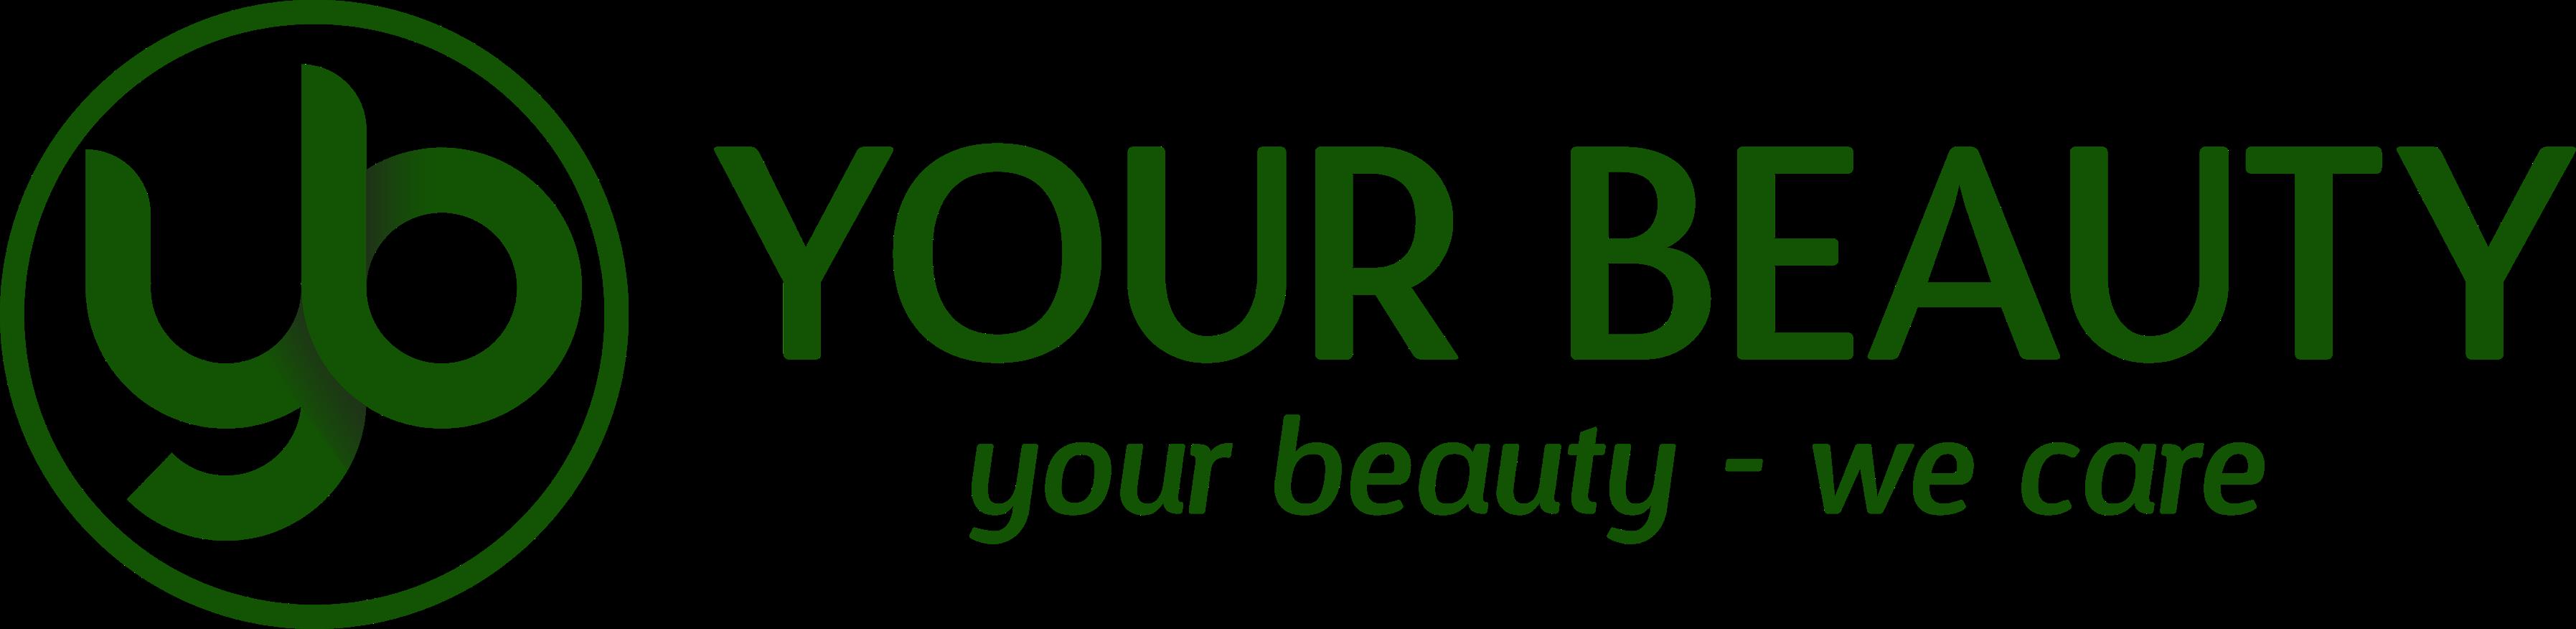 YourBeauty.vn - Your Beauty - We Care | Hệ thống phân phối mỹ phẩm chính hãng